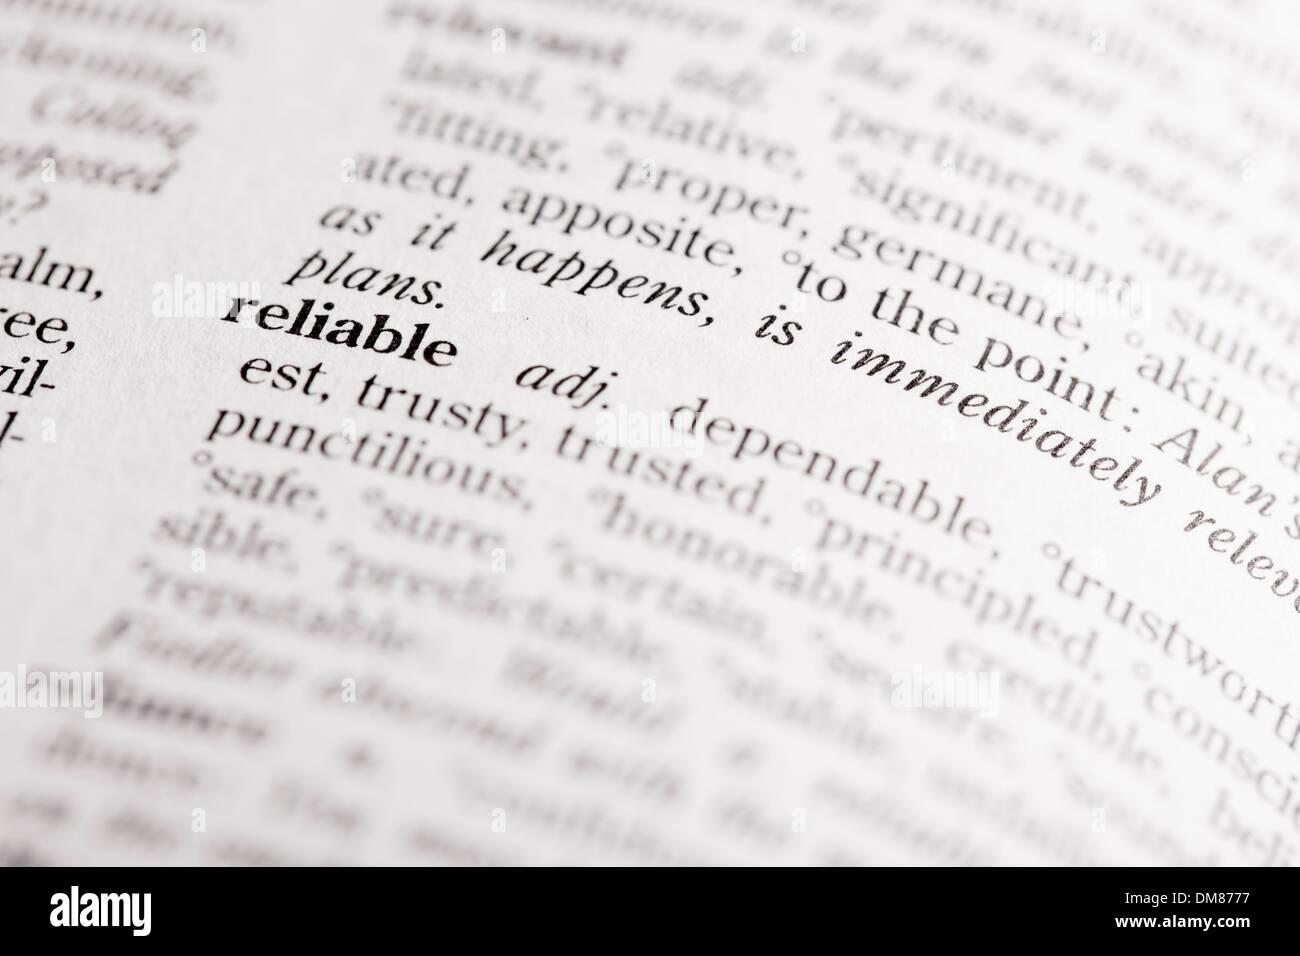 """Wörterbuch-Definition von """"Zuverlässig"""" Stockbild"""